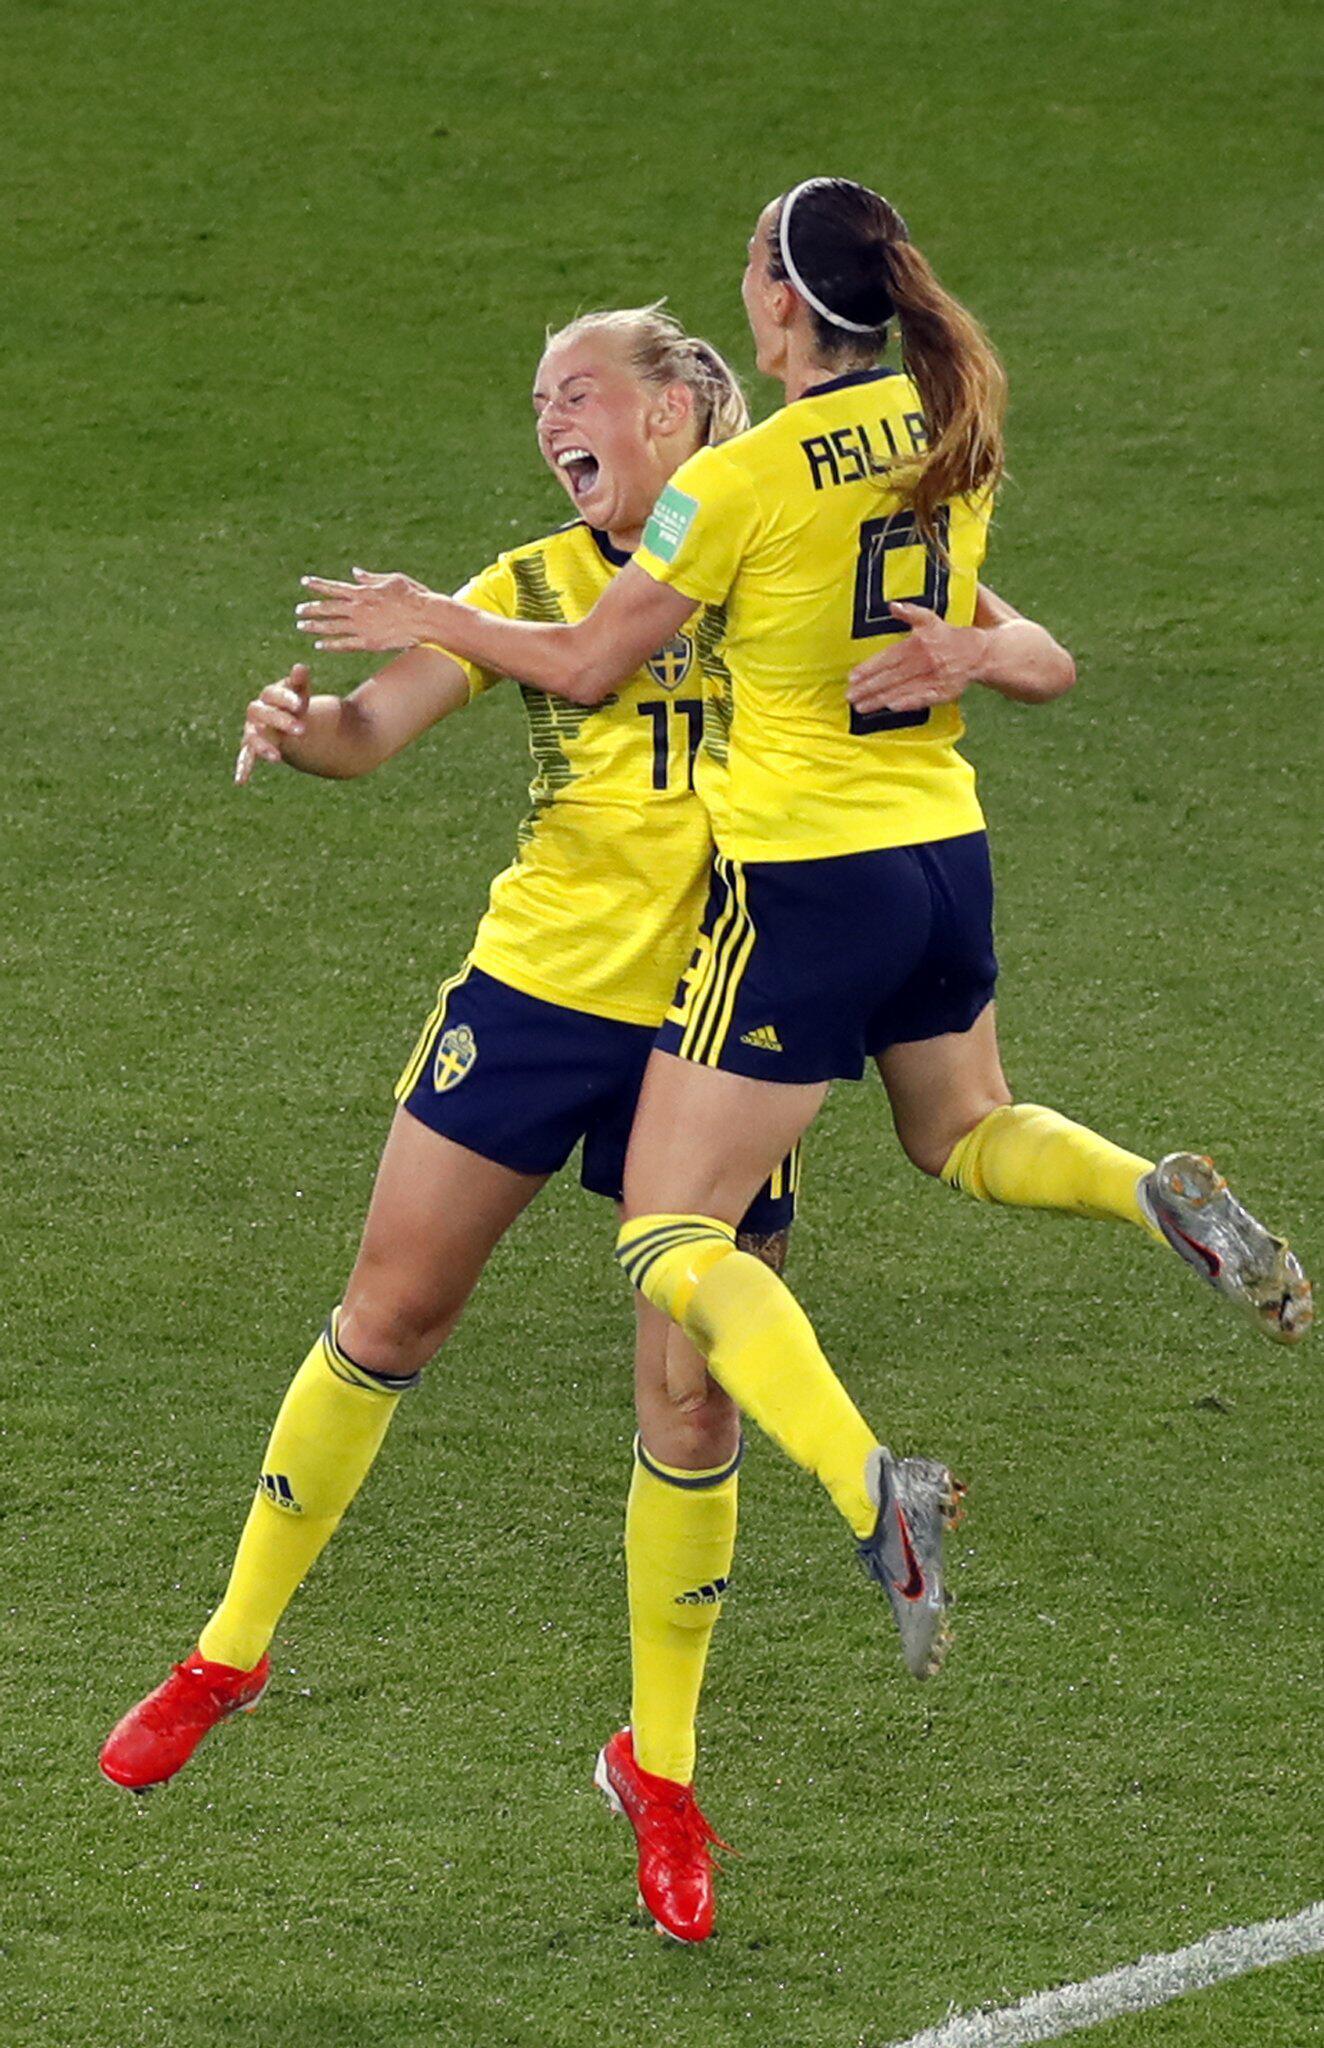 Bild zu Frauenfussball-WM - Schweden - Kanada